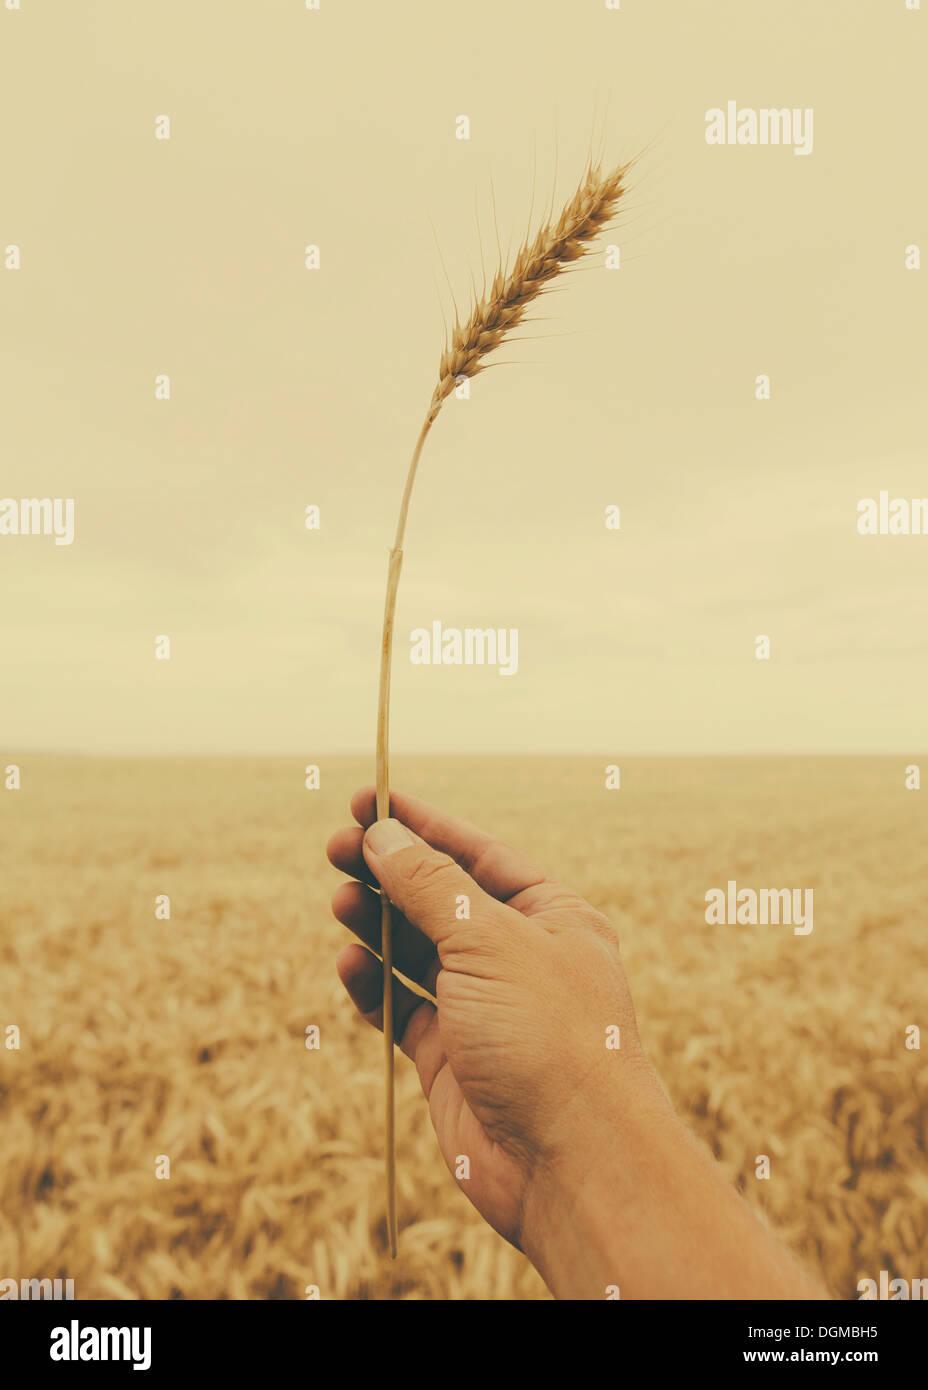 Una mano sosteniendo un tallo de trigo con una oreja de maduración en la parte superior. Imagen De Stock